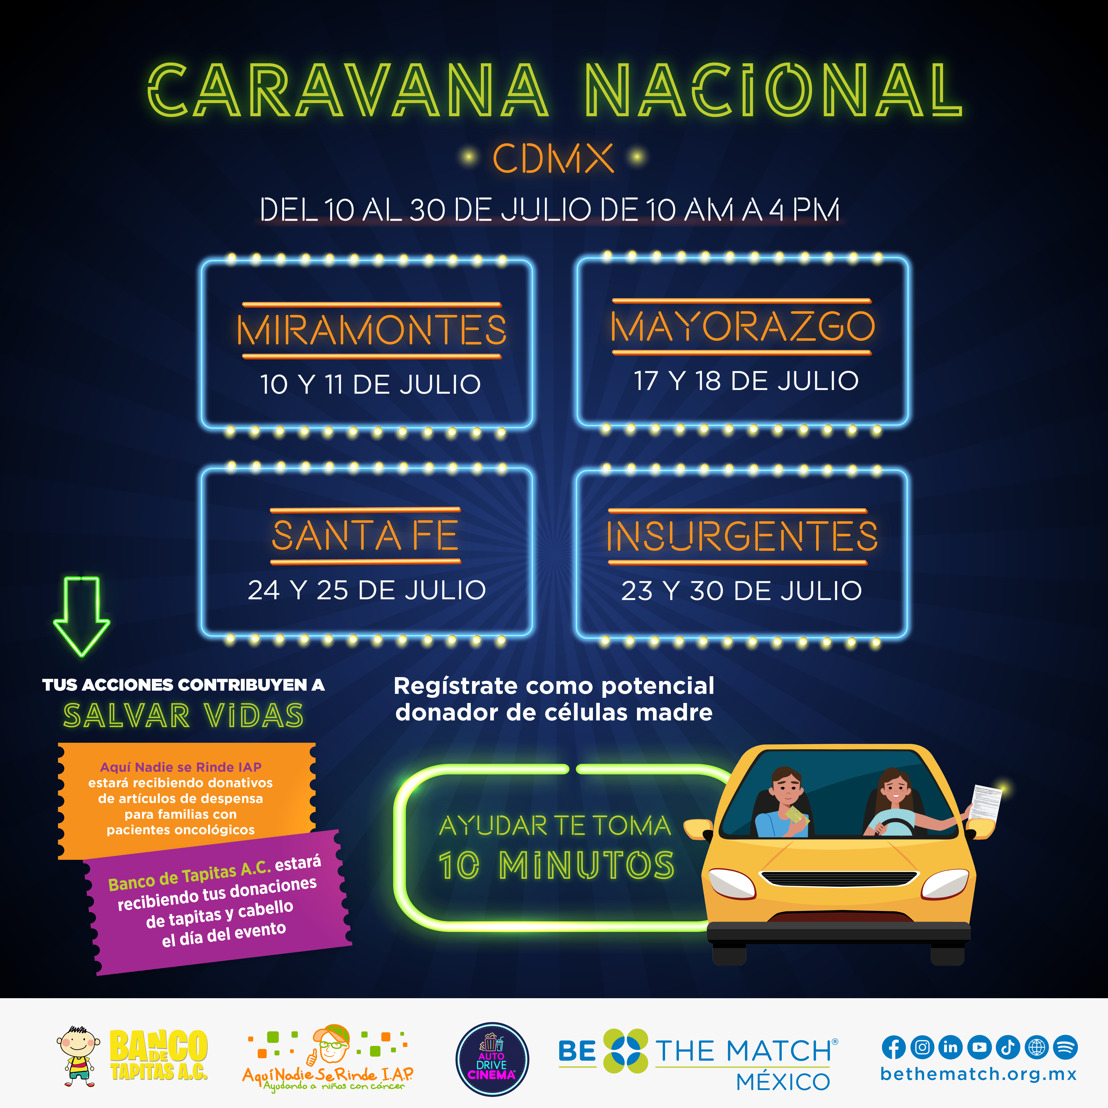 Preparan caravana en los Autodrive Cinema de la CDMX para sumar donadores de células madre